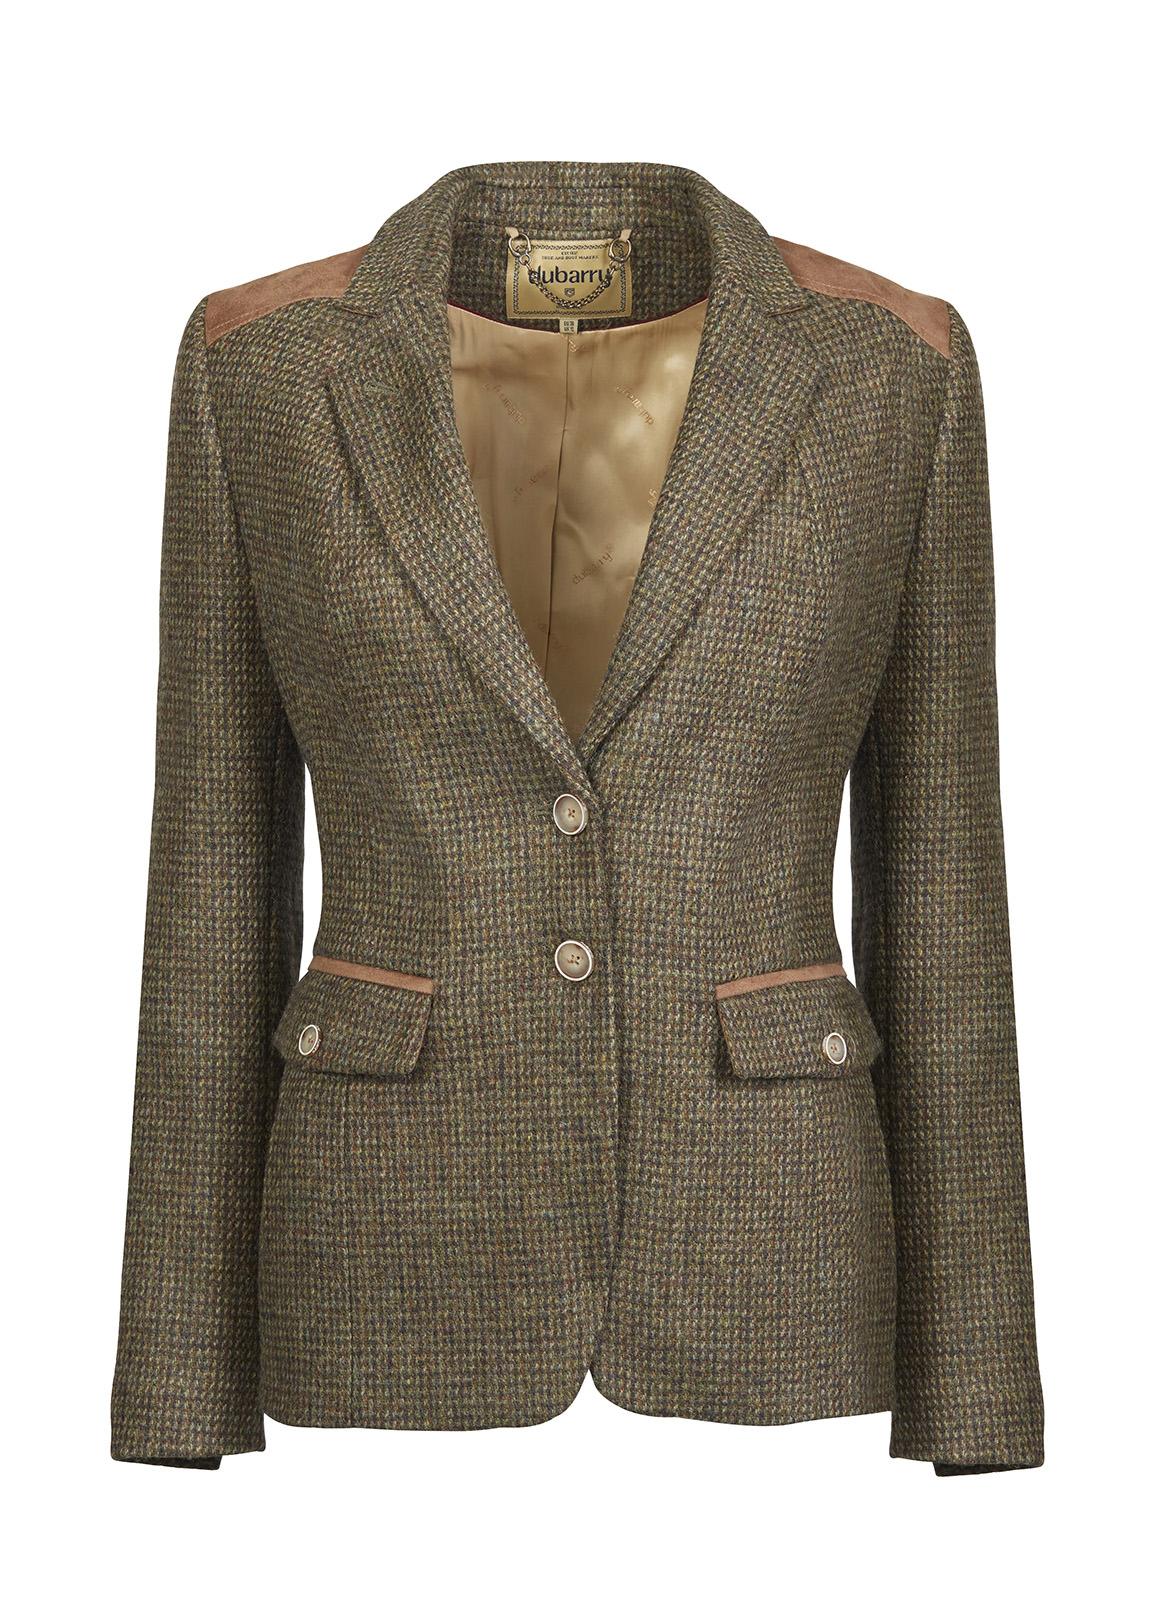 Dubarry_ Pearlwort Tweed Blazer - Heath_Image_2